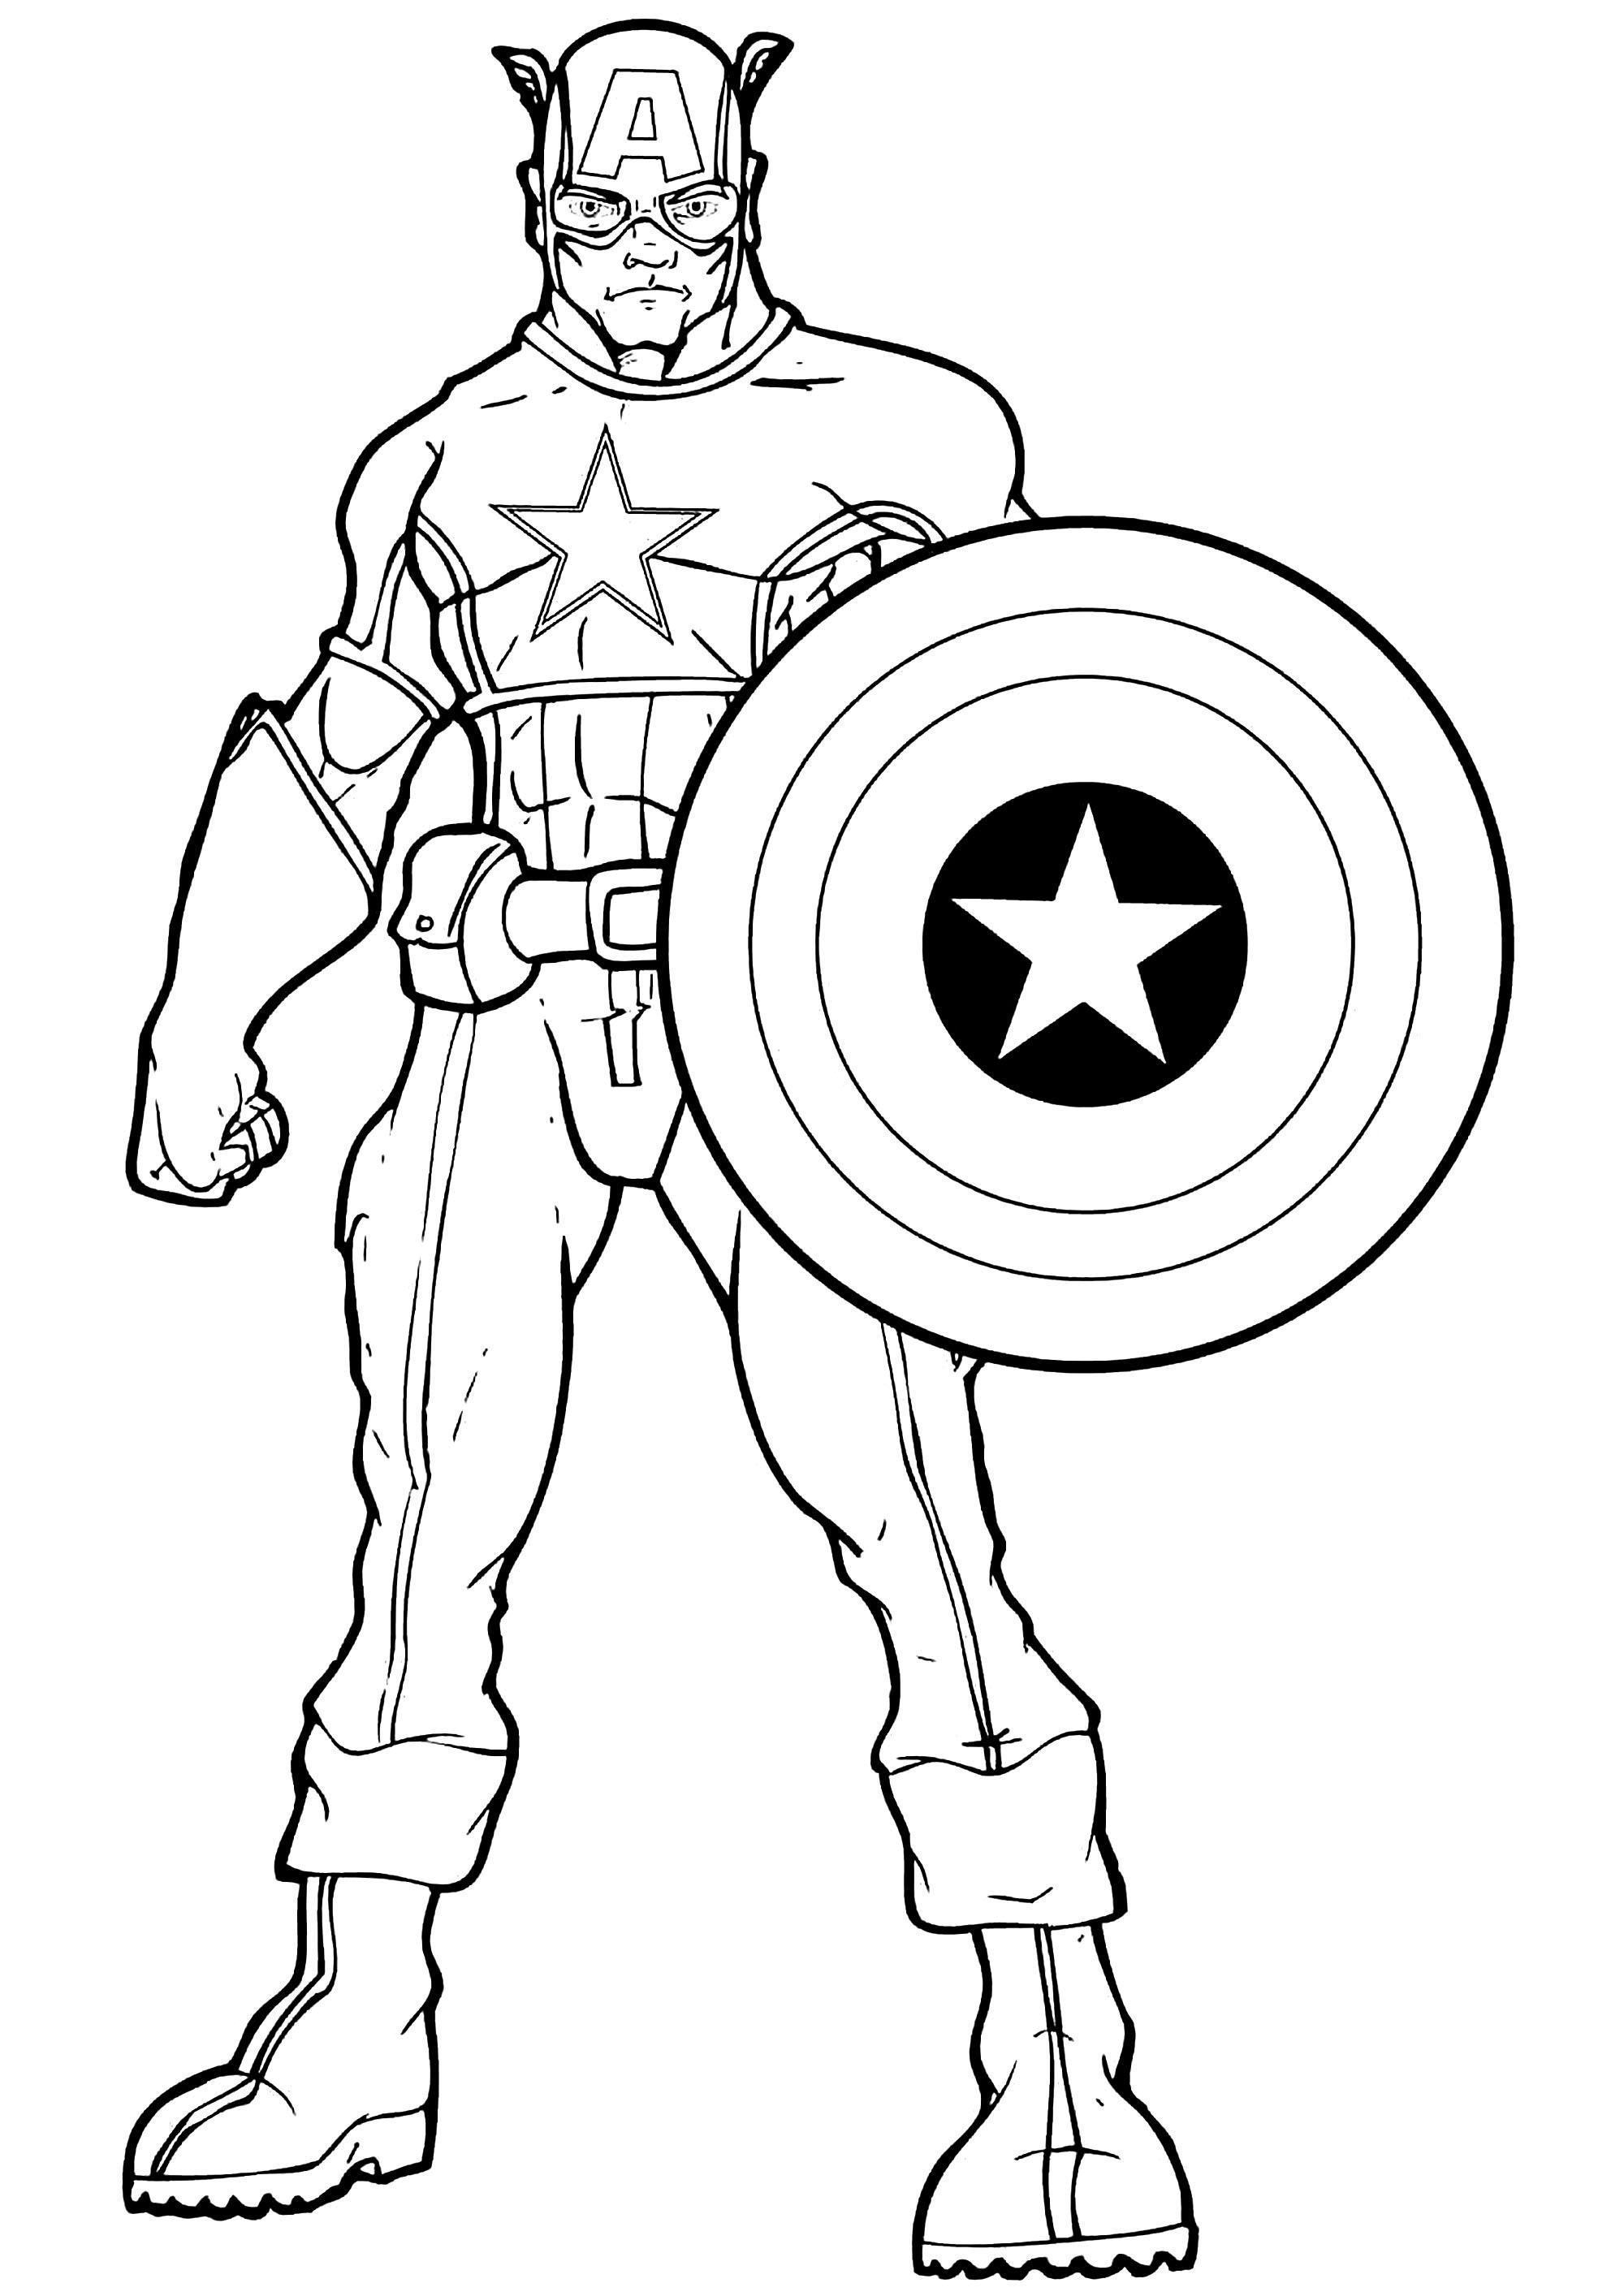 Dessin De Captain America Gratuit A Imprimer Et Colorier Coloriage Captain America Coloriages Pour Enfants